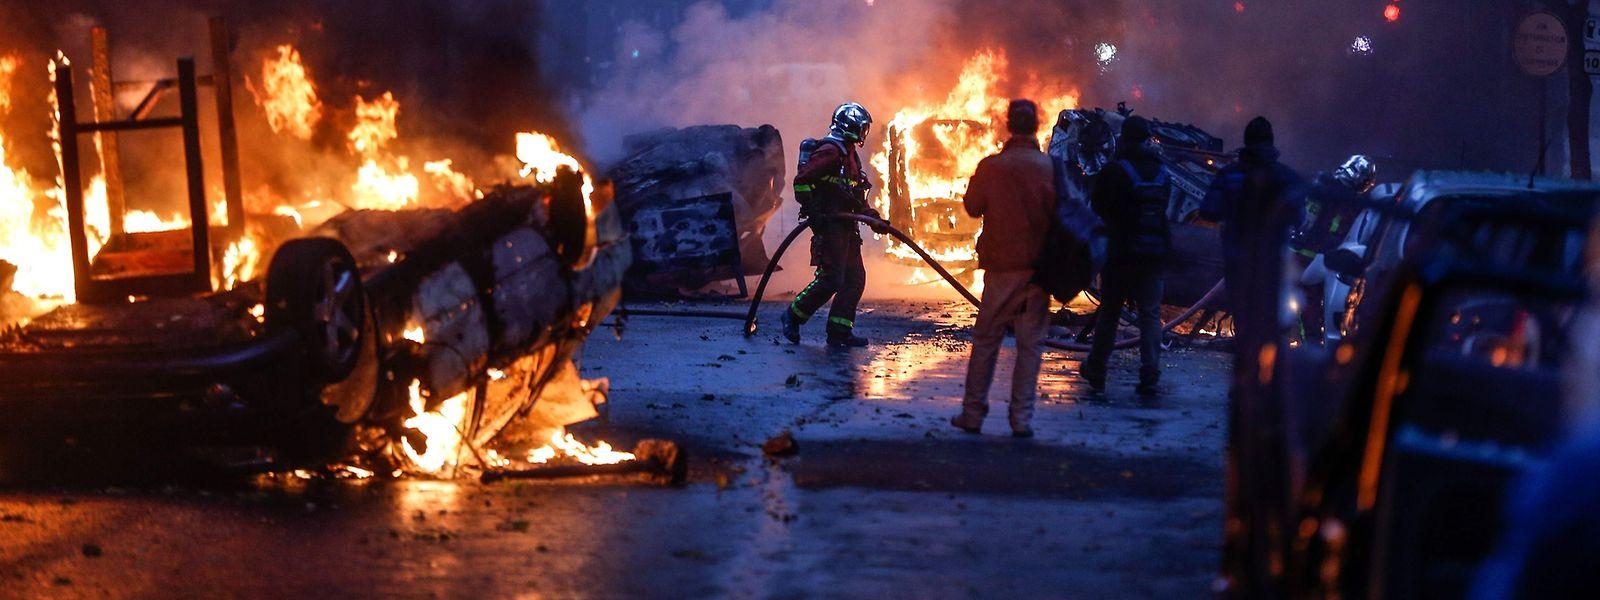 Am Wochenende tobten die Proteste in Paris.